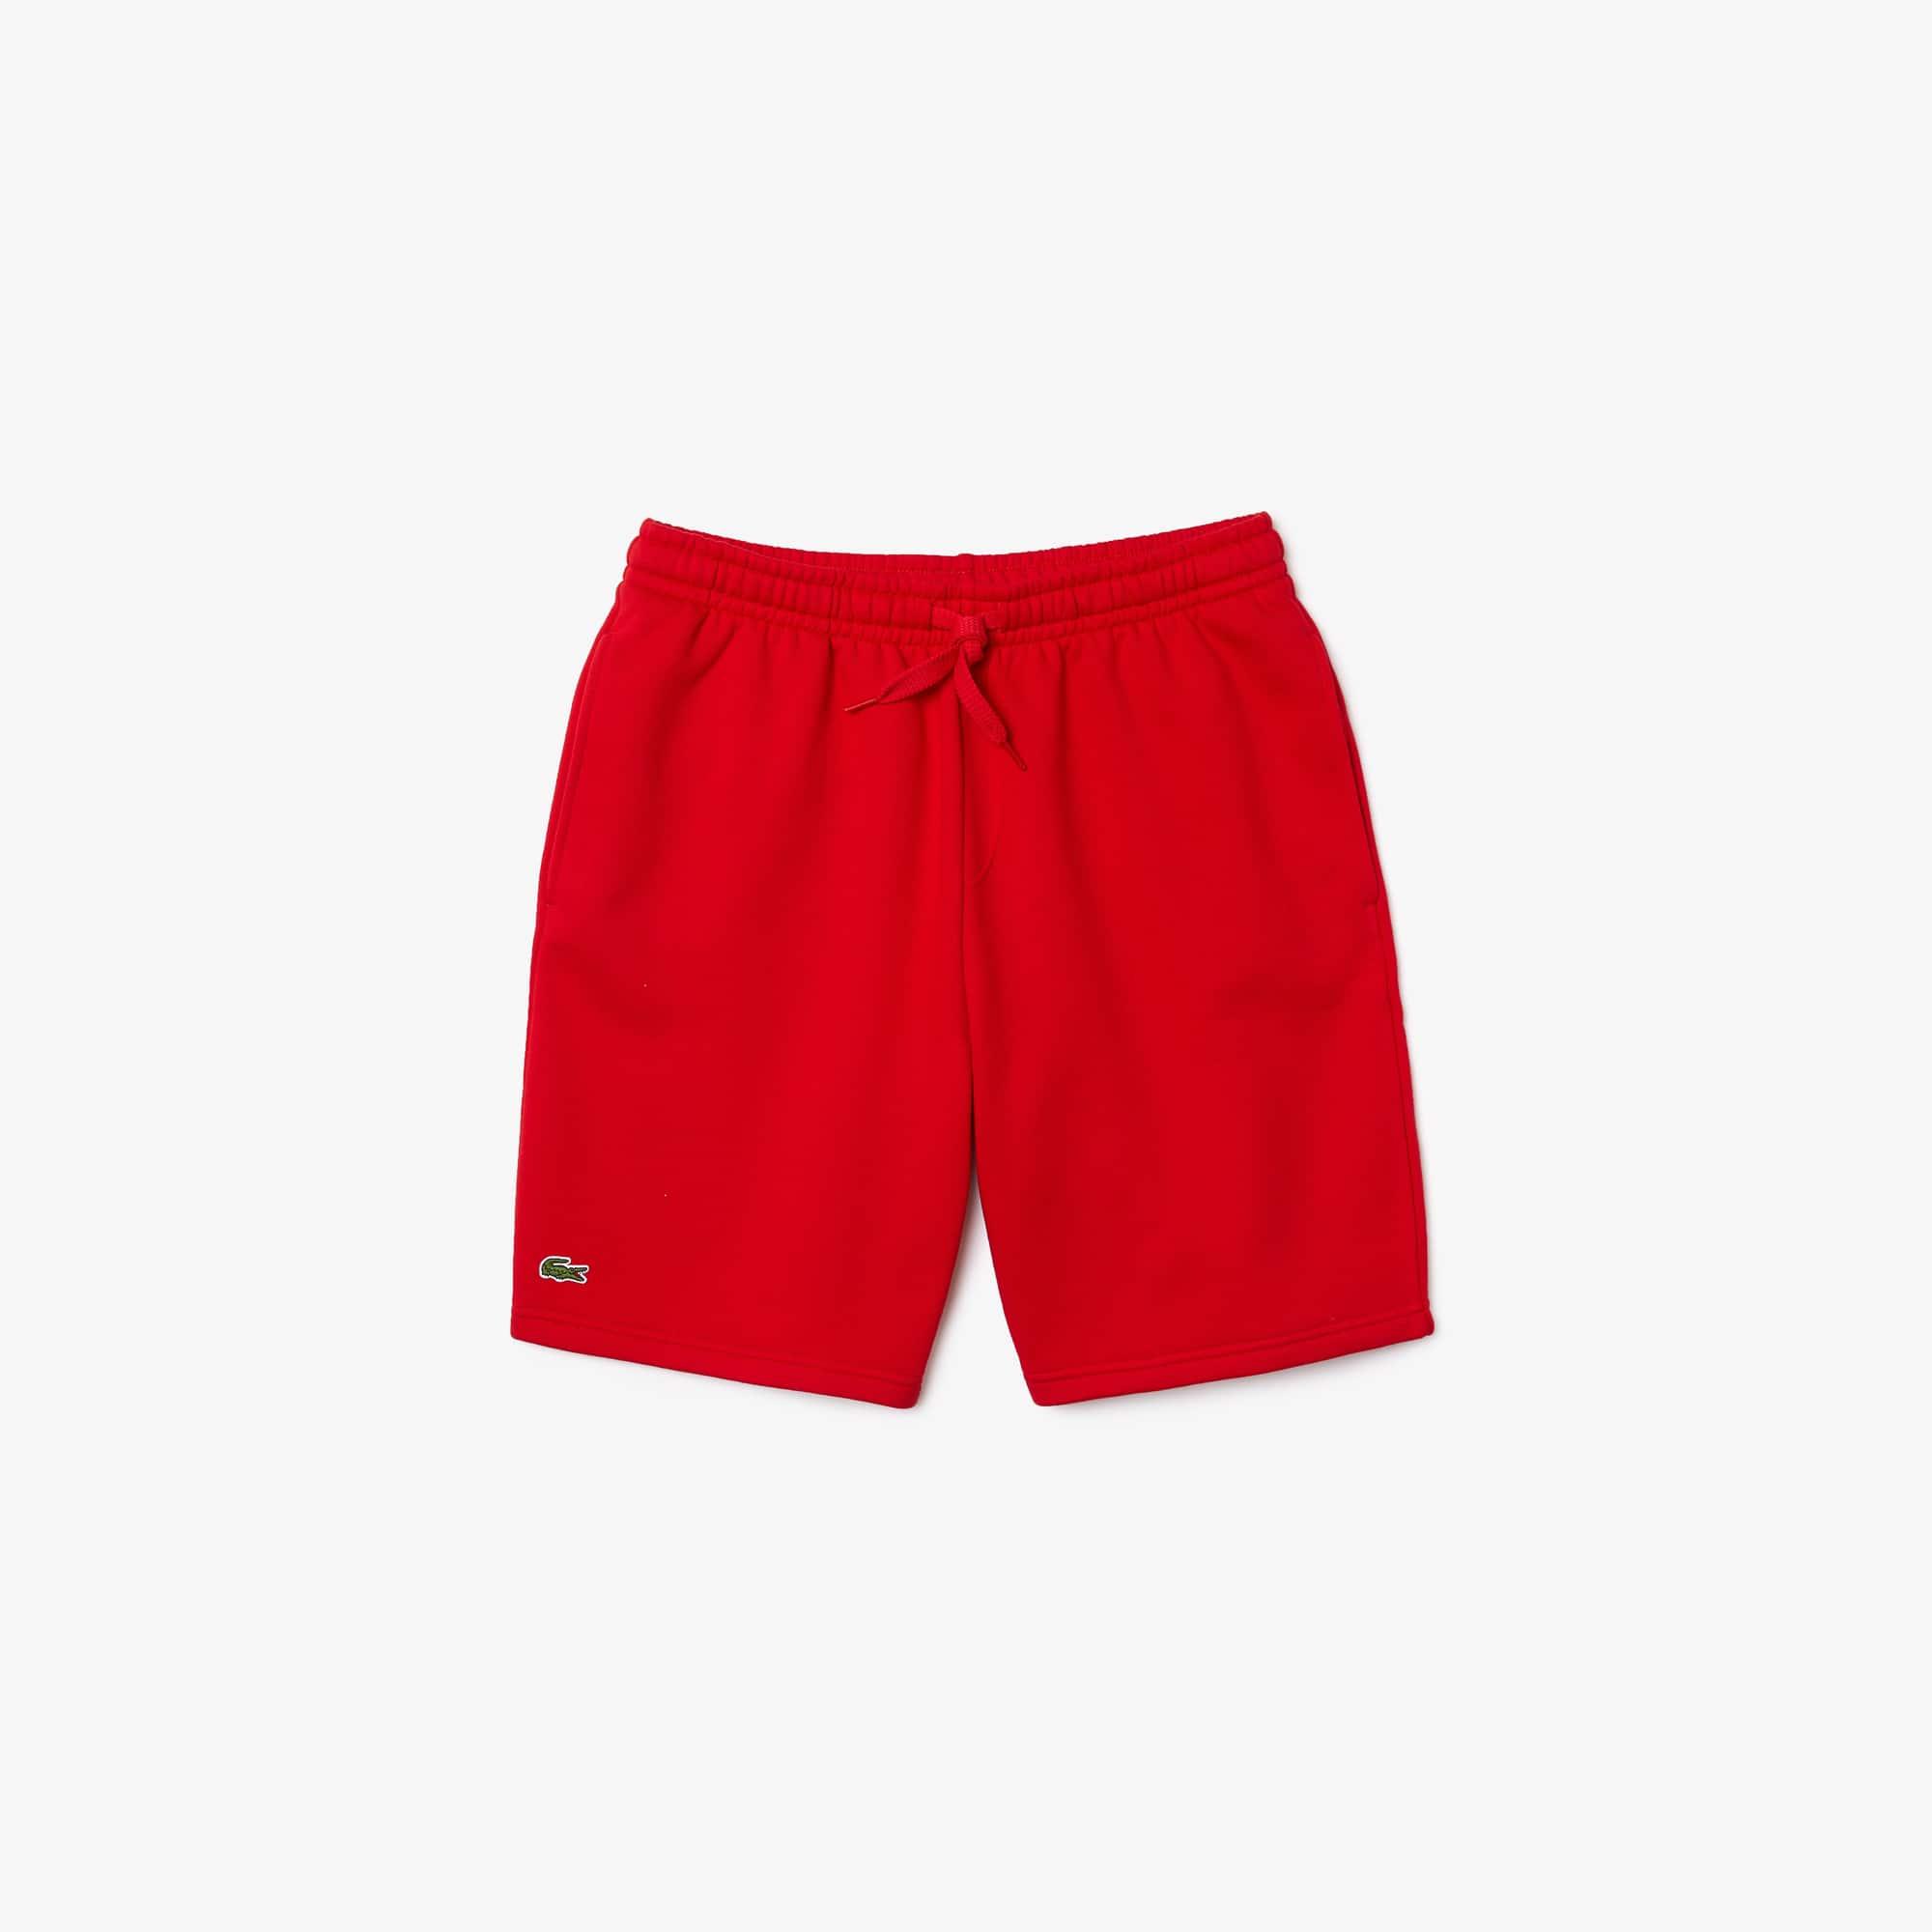 라코스테 스포츠 반바지 Lacoste Mens SPORT Tennis Fleece Shorts,red